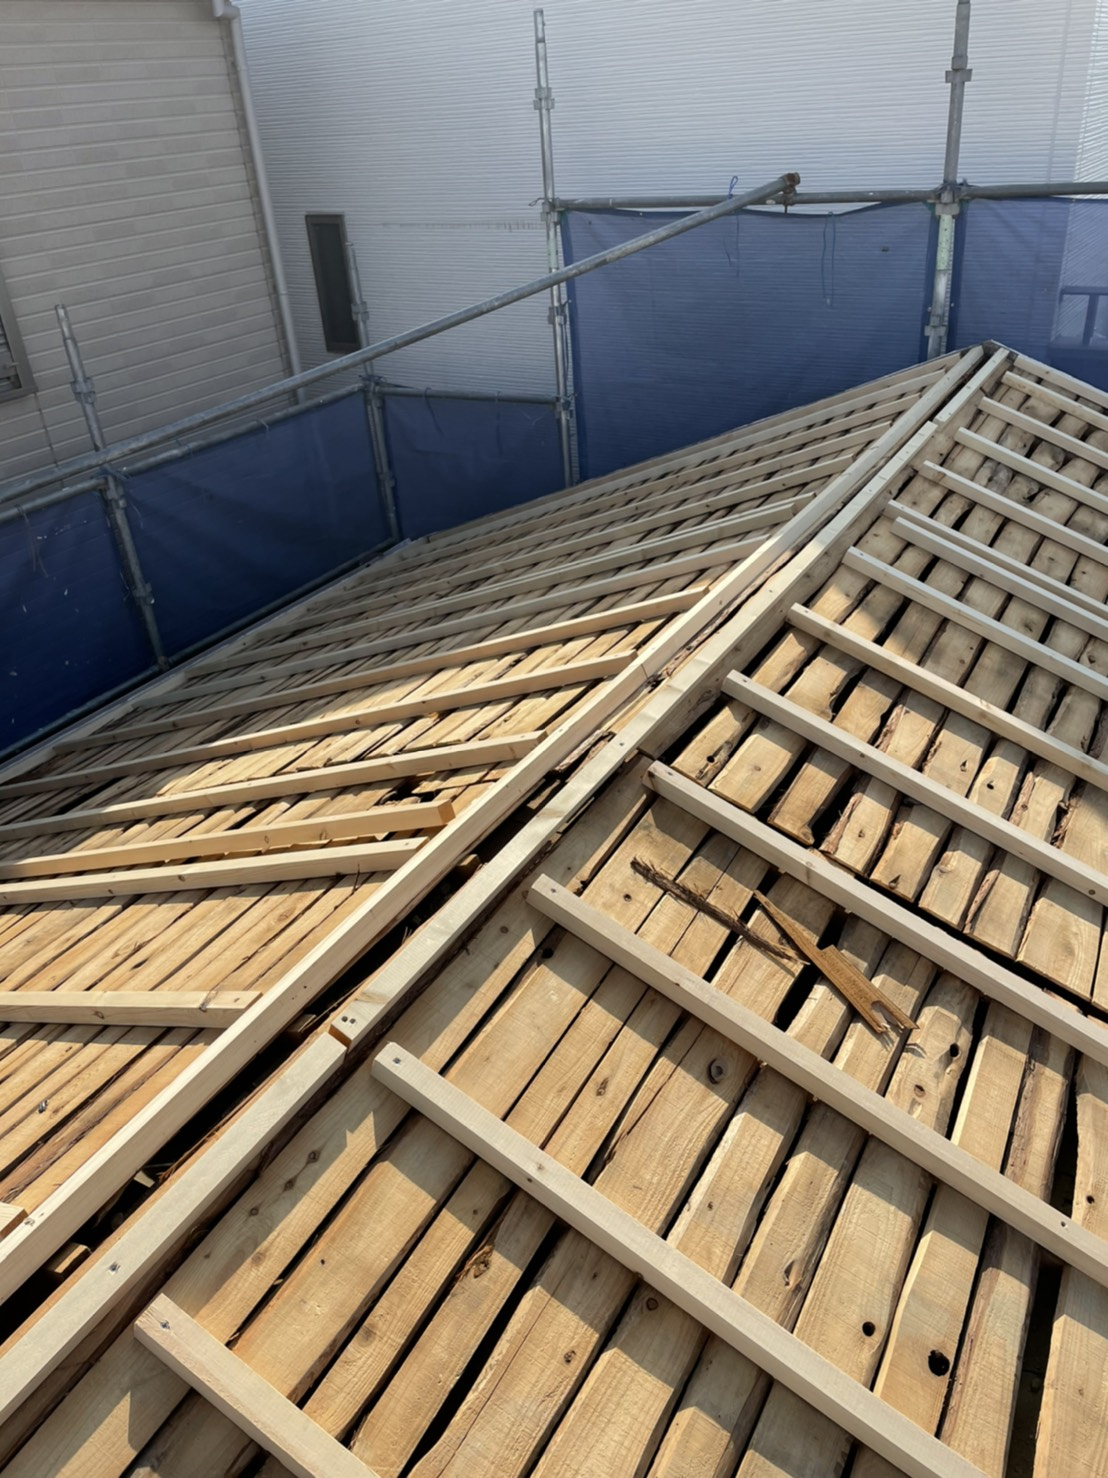 三木市での屋根葺き替え工事「通気工法」で垂木を取り付けている様子